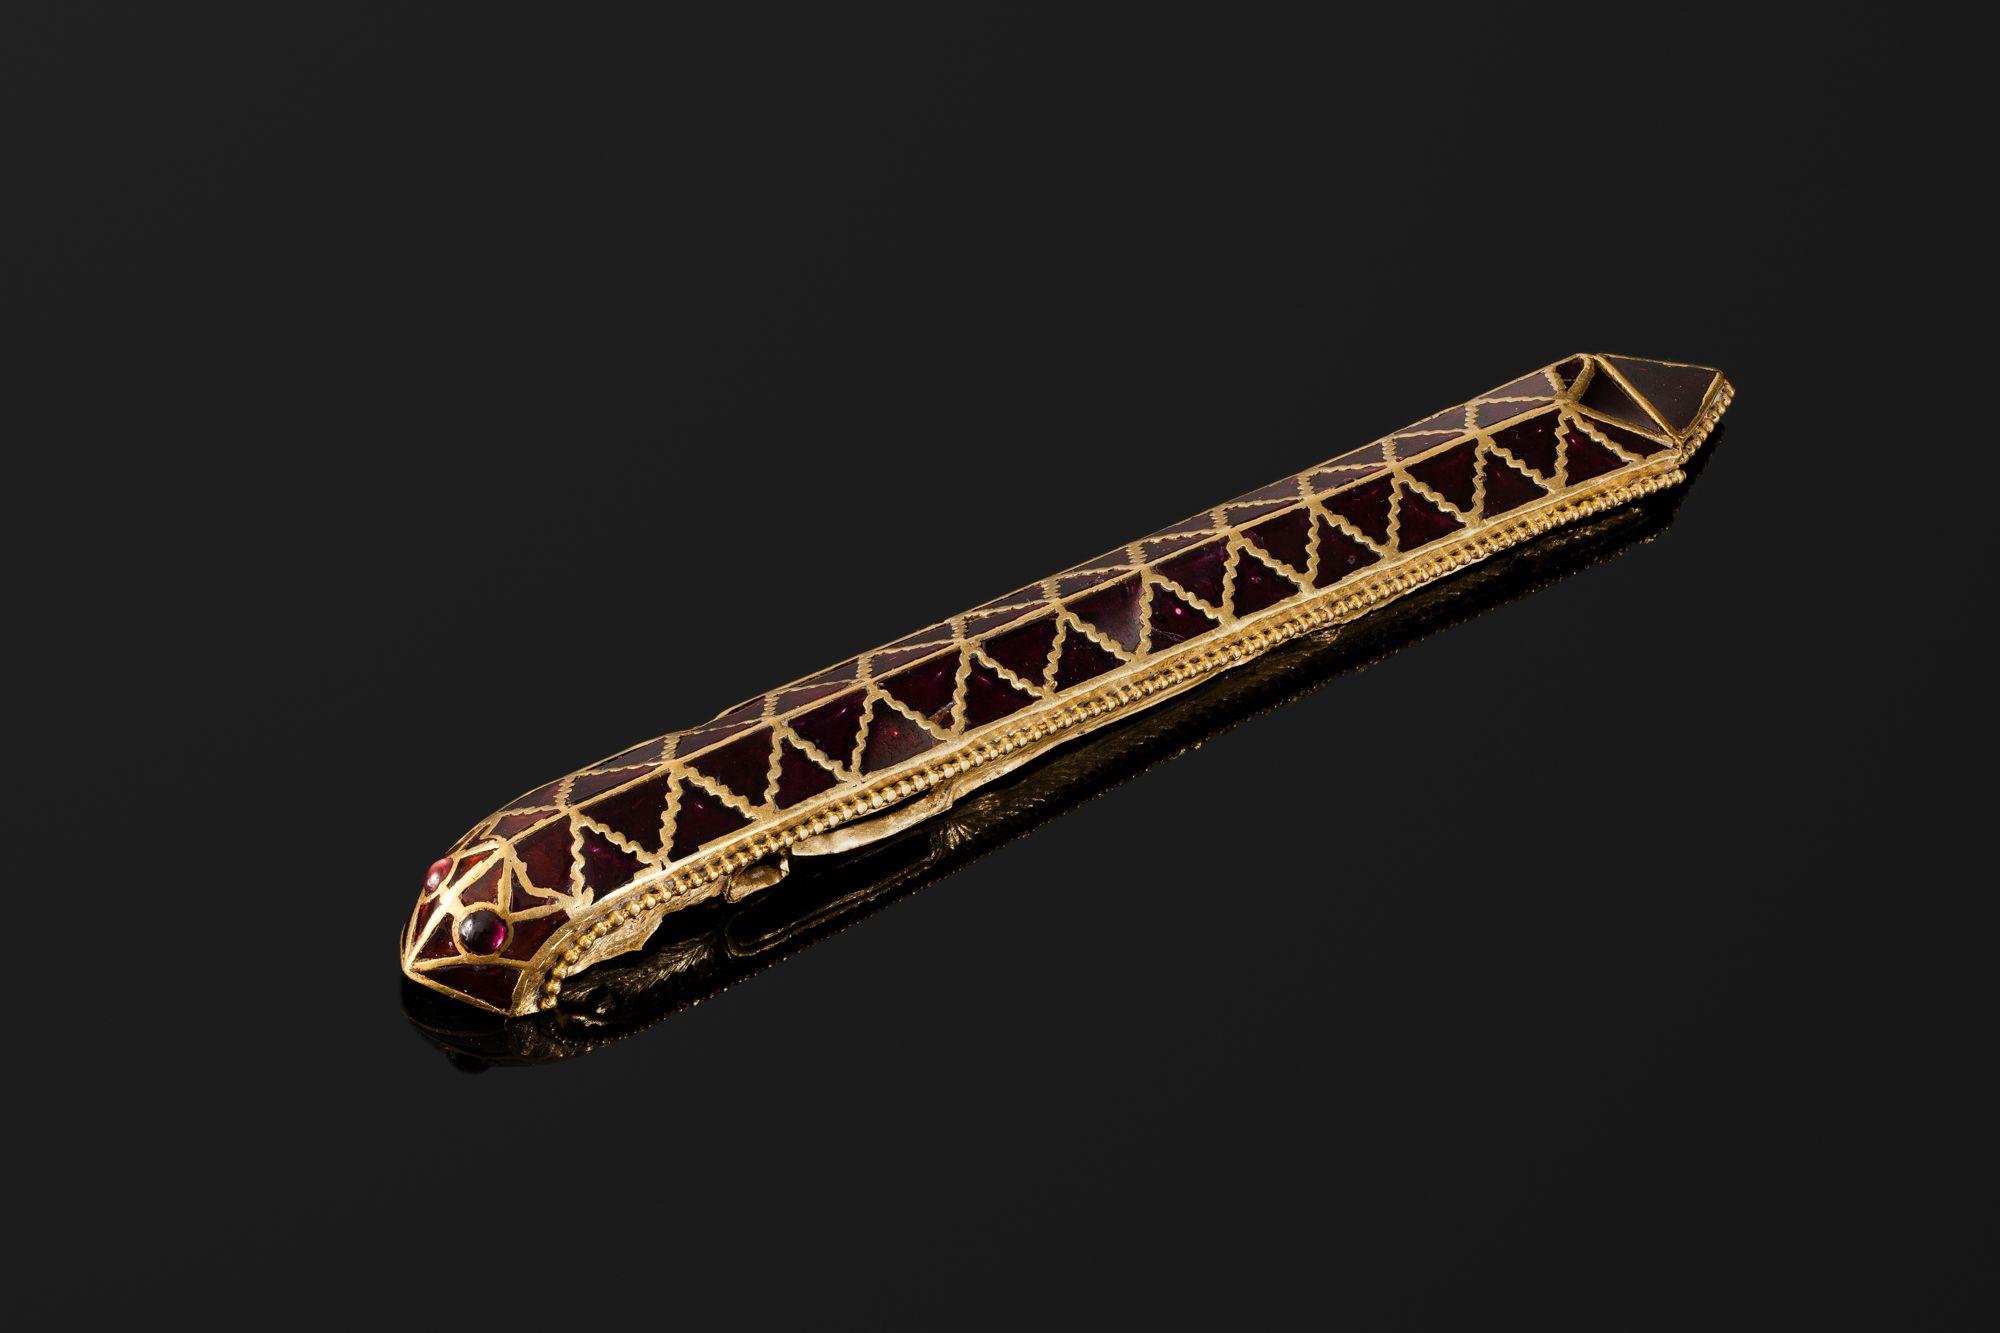 Скоба для подвешивания ножен. Золото, гранаты. 18х2 см. V в.